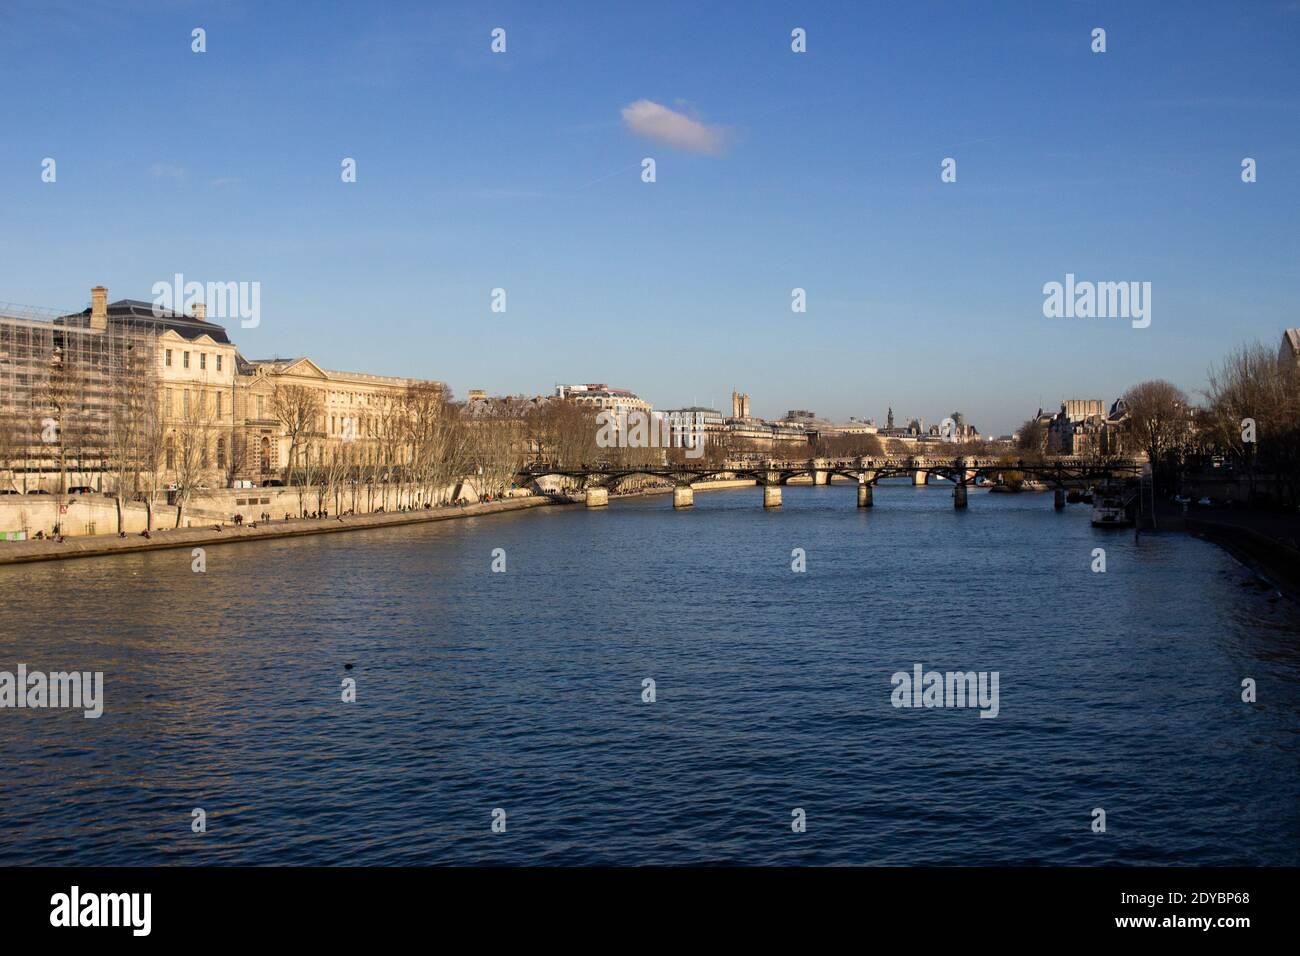 Lllustration de la vie quotidienne à Paris, France. Lllustration du quotidien à Paris en France. Banque D'Images